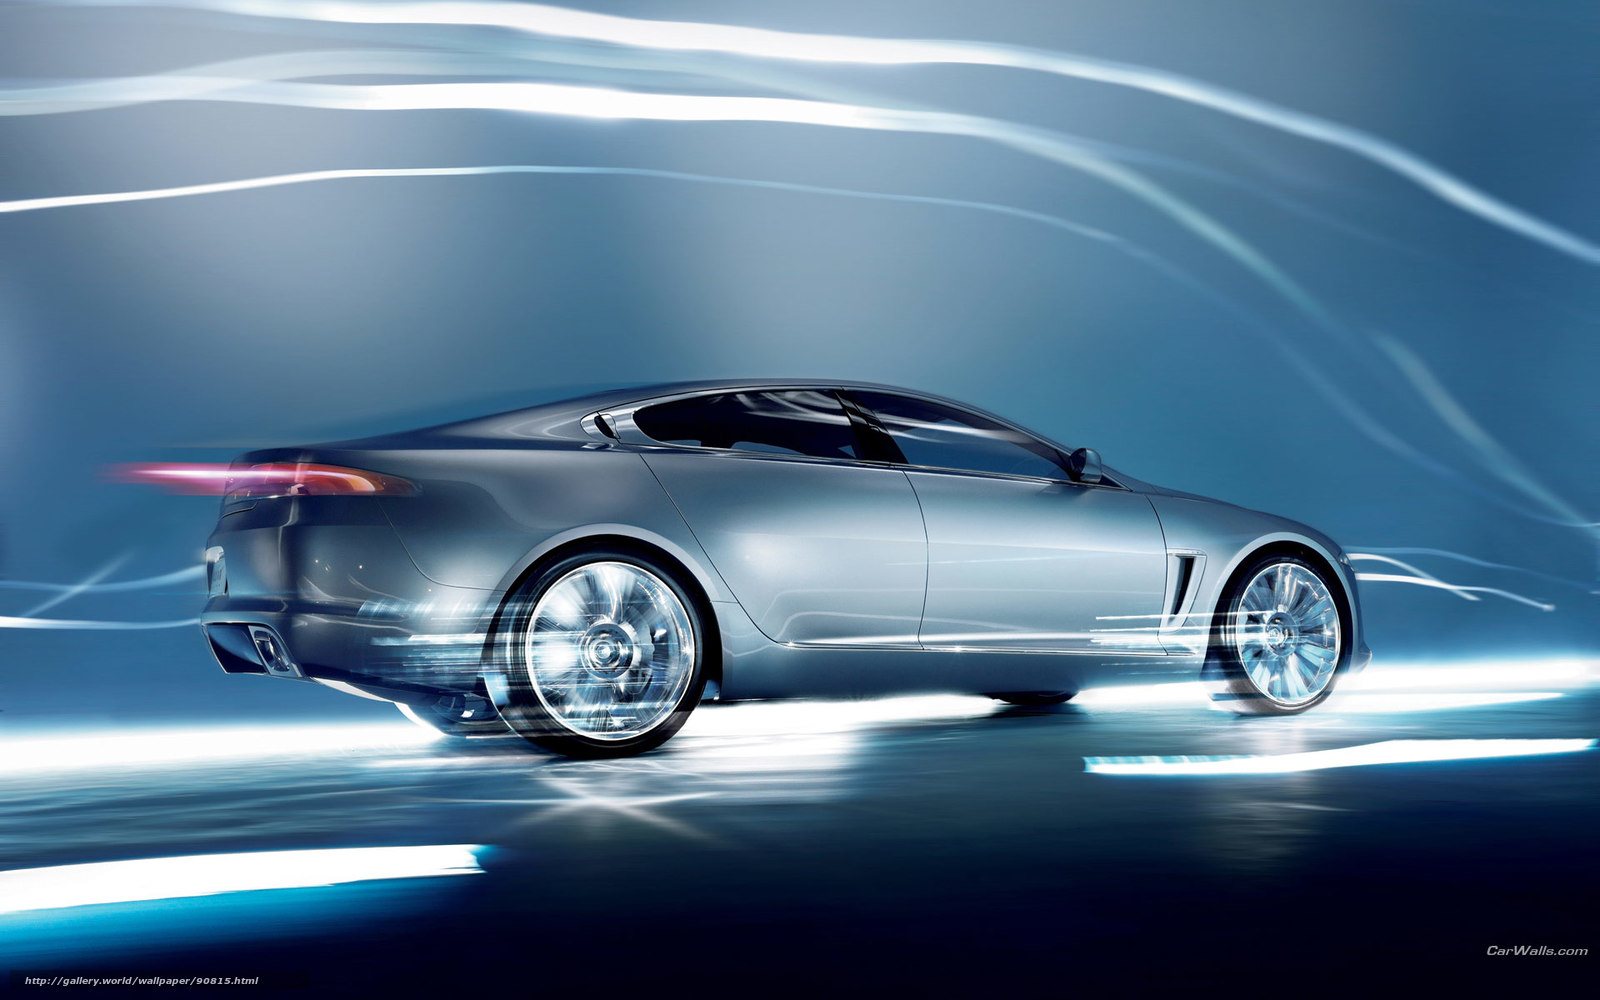 Скачать обои Jaguar,  C-XF,  авто,  машины бесплатно для рабочего стола в разрешении 1920x1200 — картинка №90815